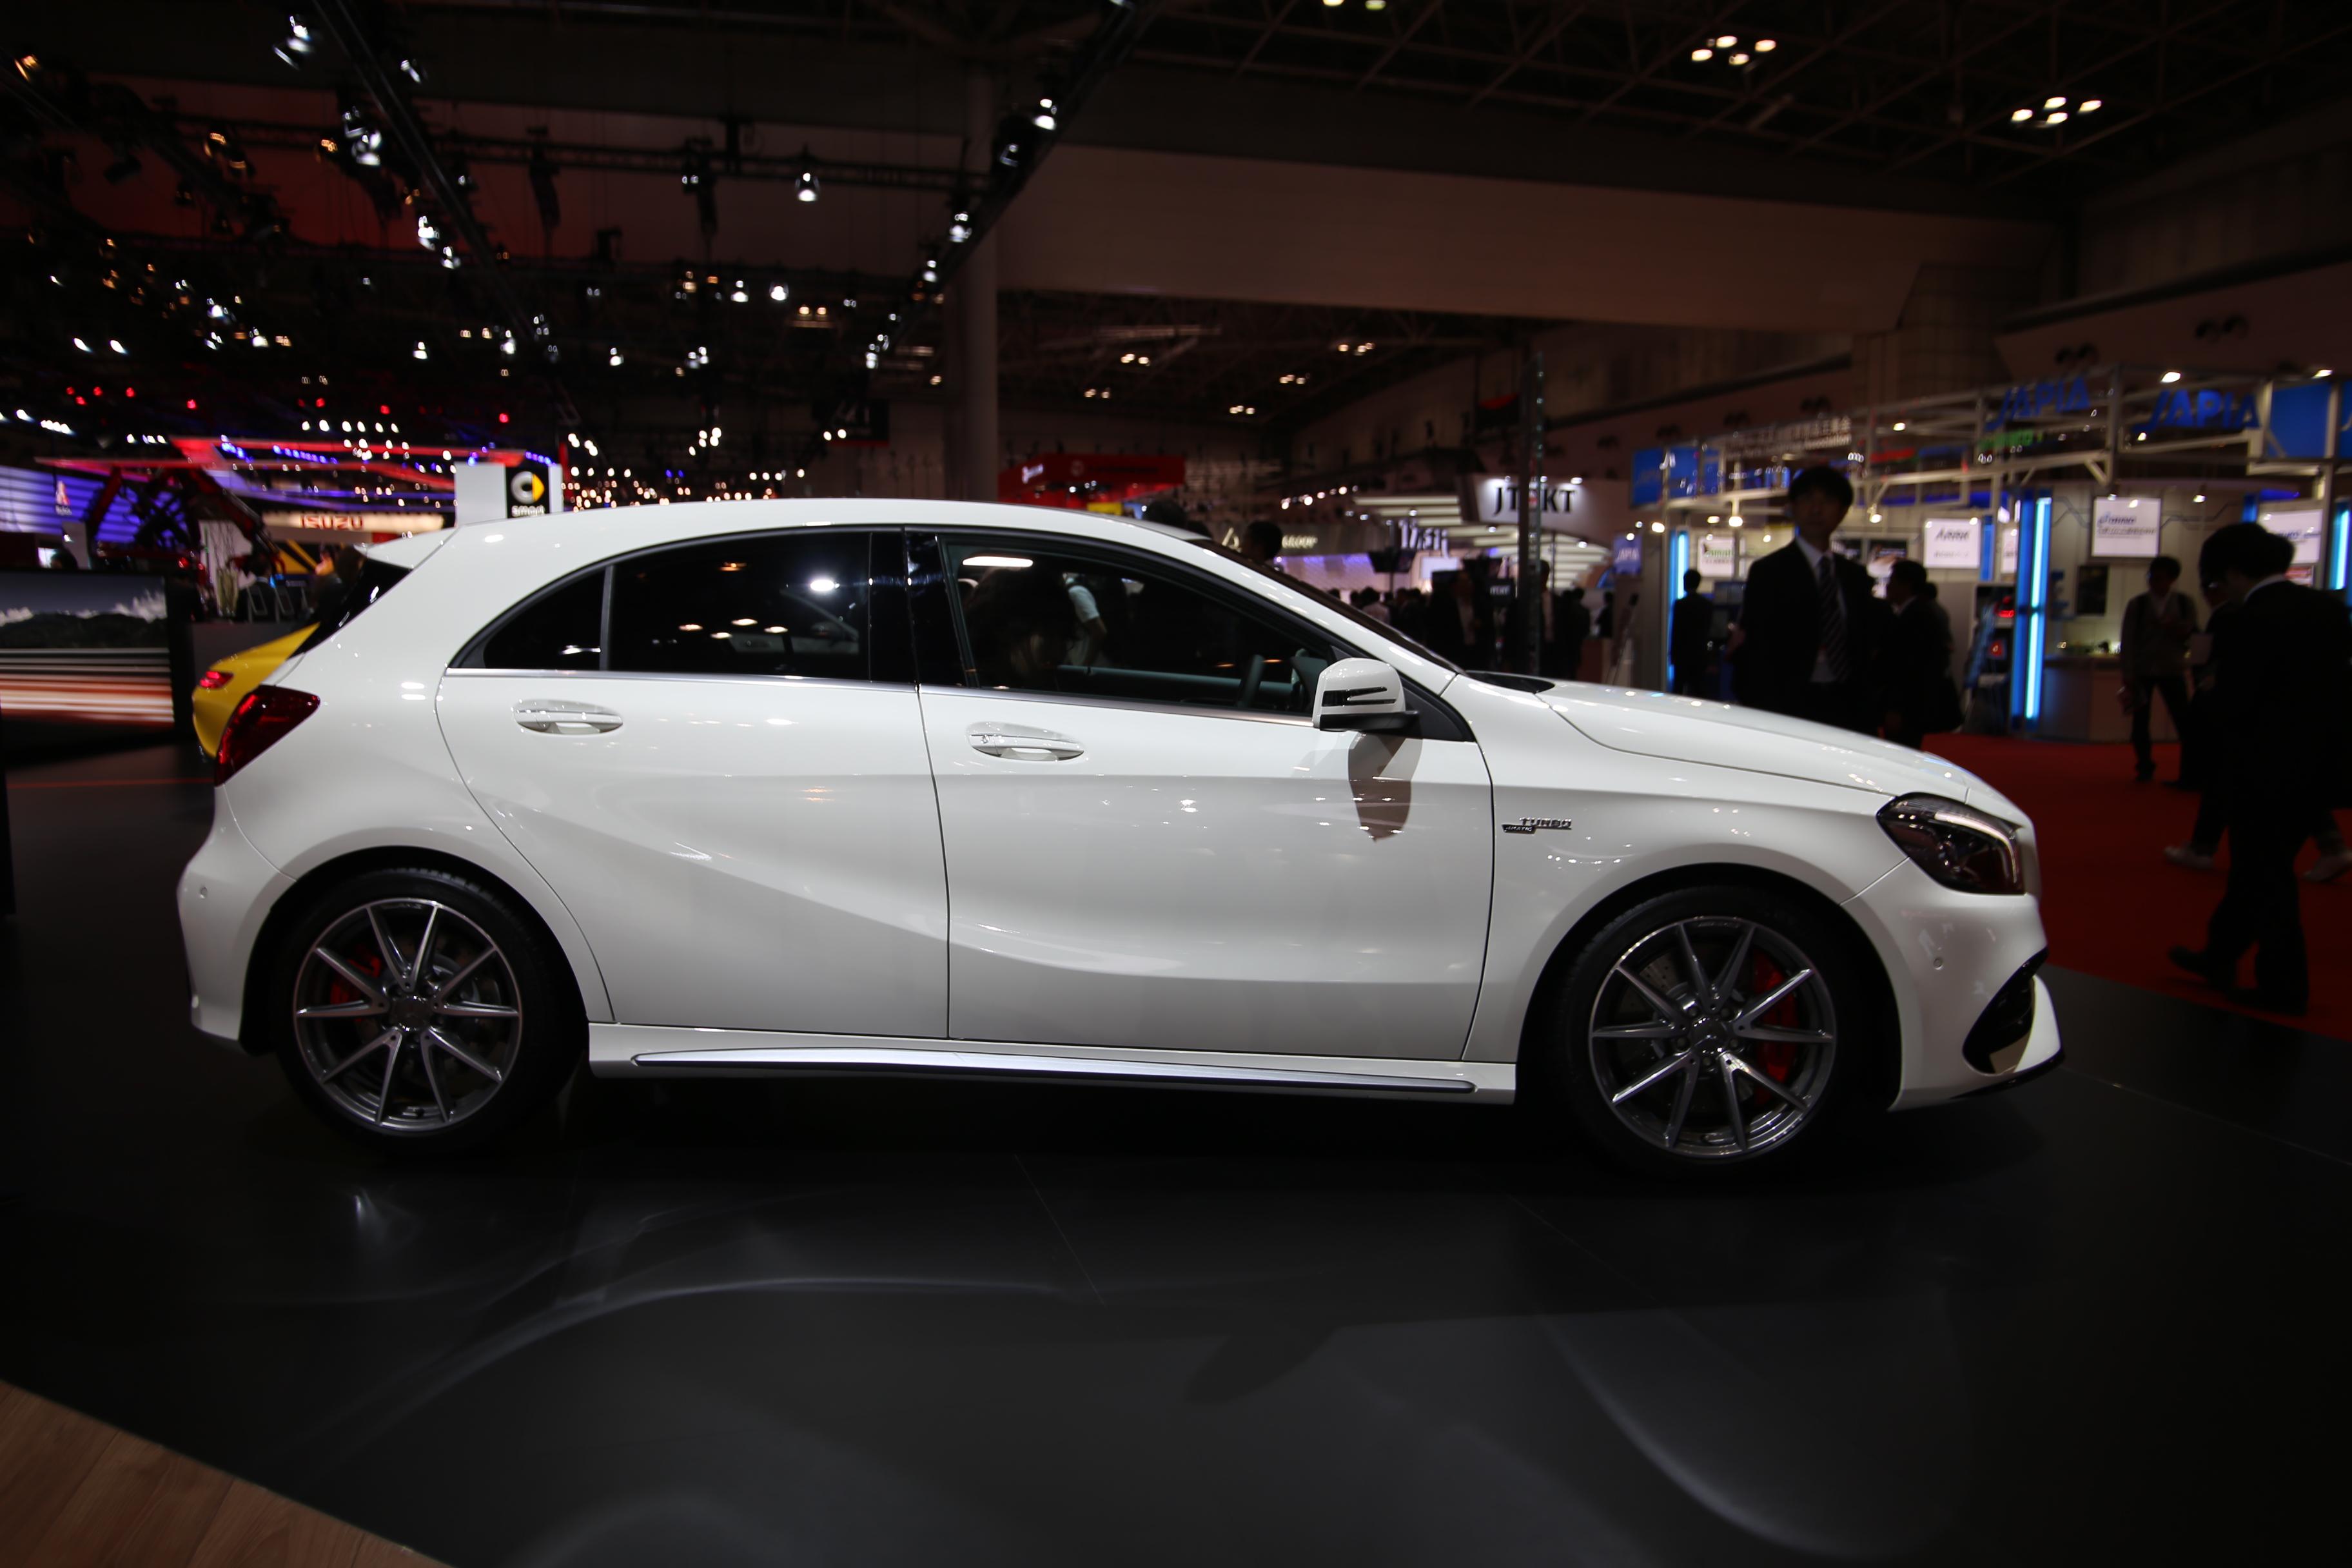 「【東京モーターショー15】販売好調なメルセデス・ベンツが最新モデル19台を一挙出展!」の10枚目の画像